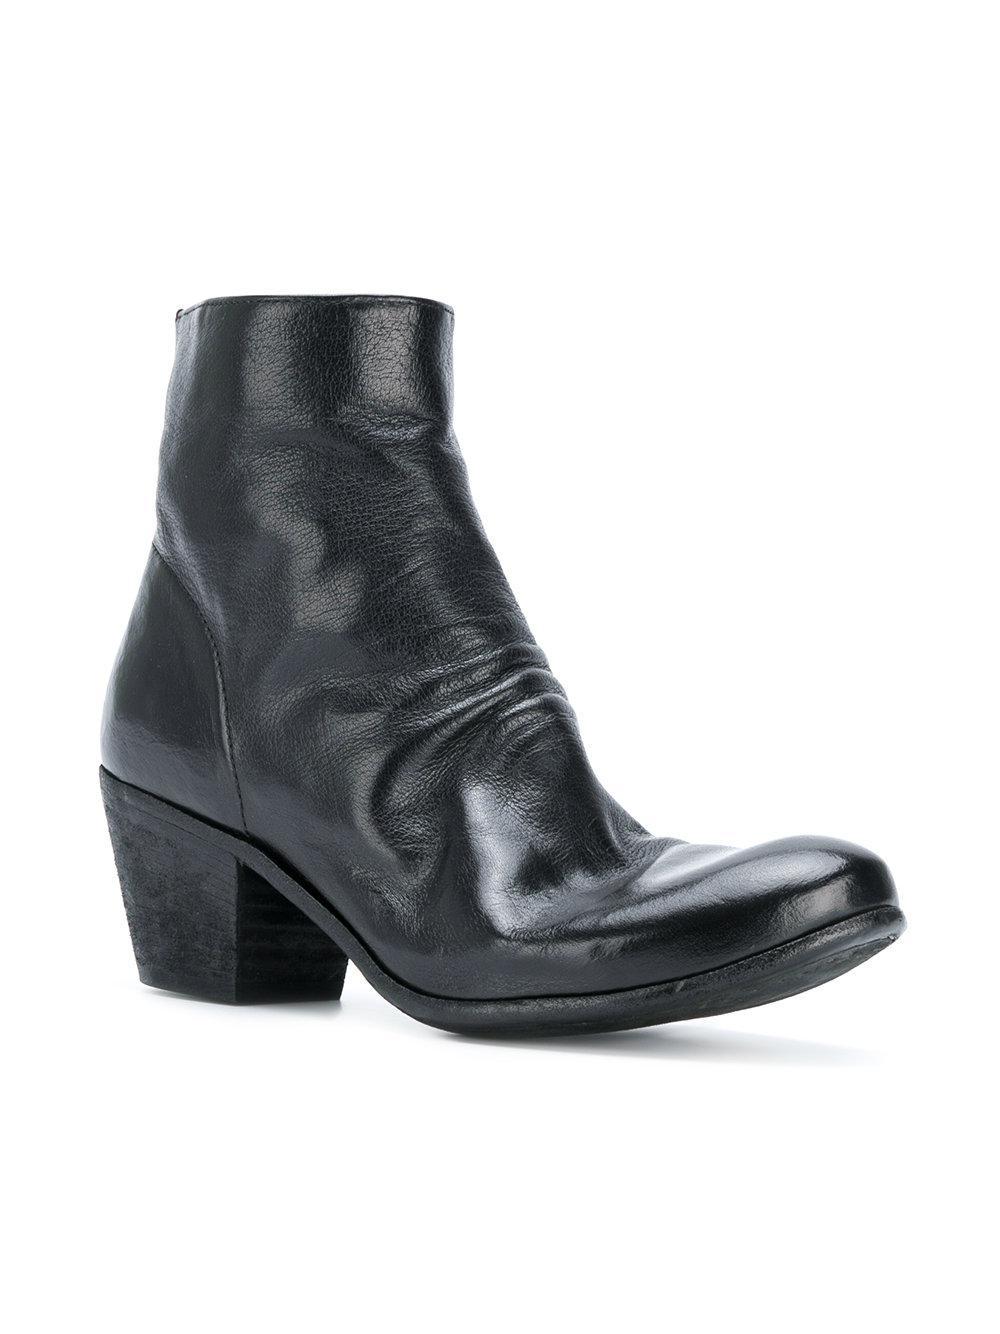 Marsèll Listo 2520 boots - Black farfetch neri Pelle Sast Aclaramiento Pago De Salida Con Paypal Amazon Comprar Barato La Mejor Venta Al Por Mayor En Línea De Descuento Tienda De Descuento Mr1jPAC